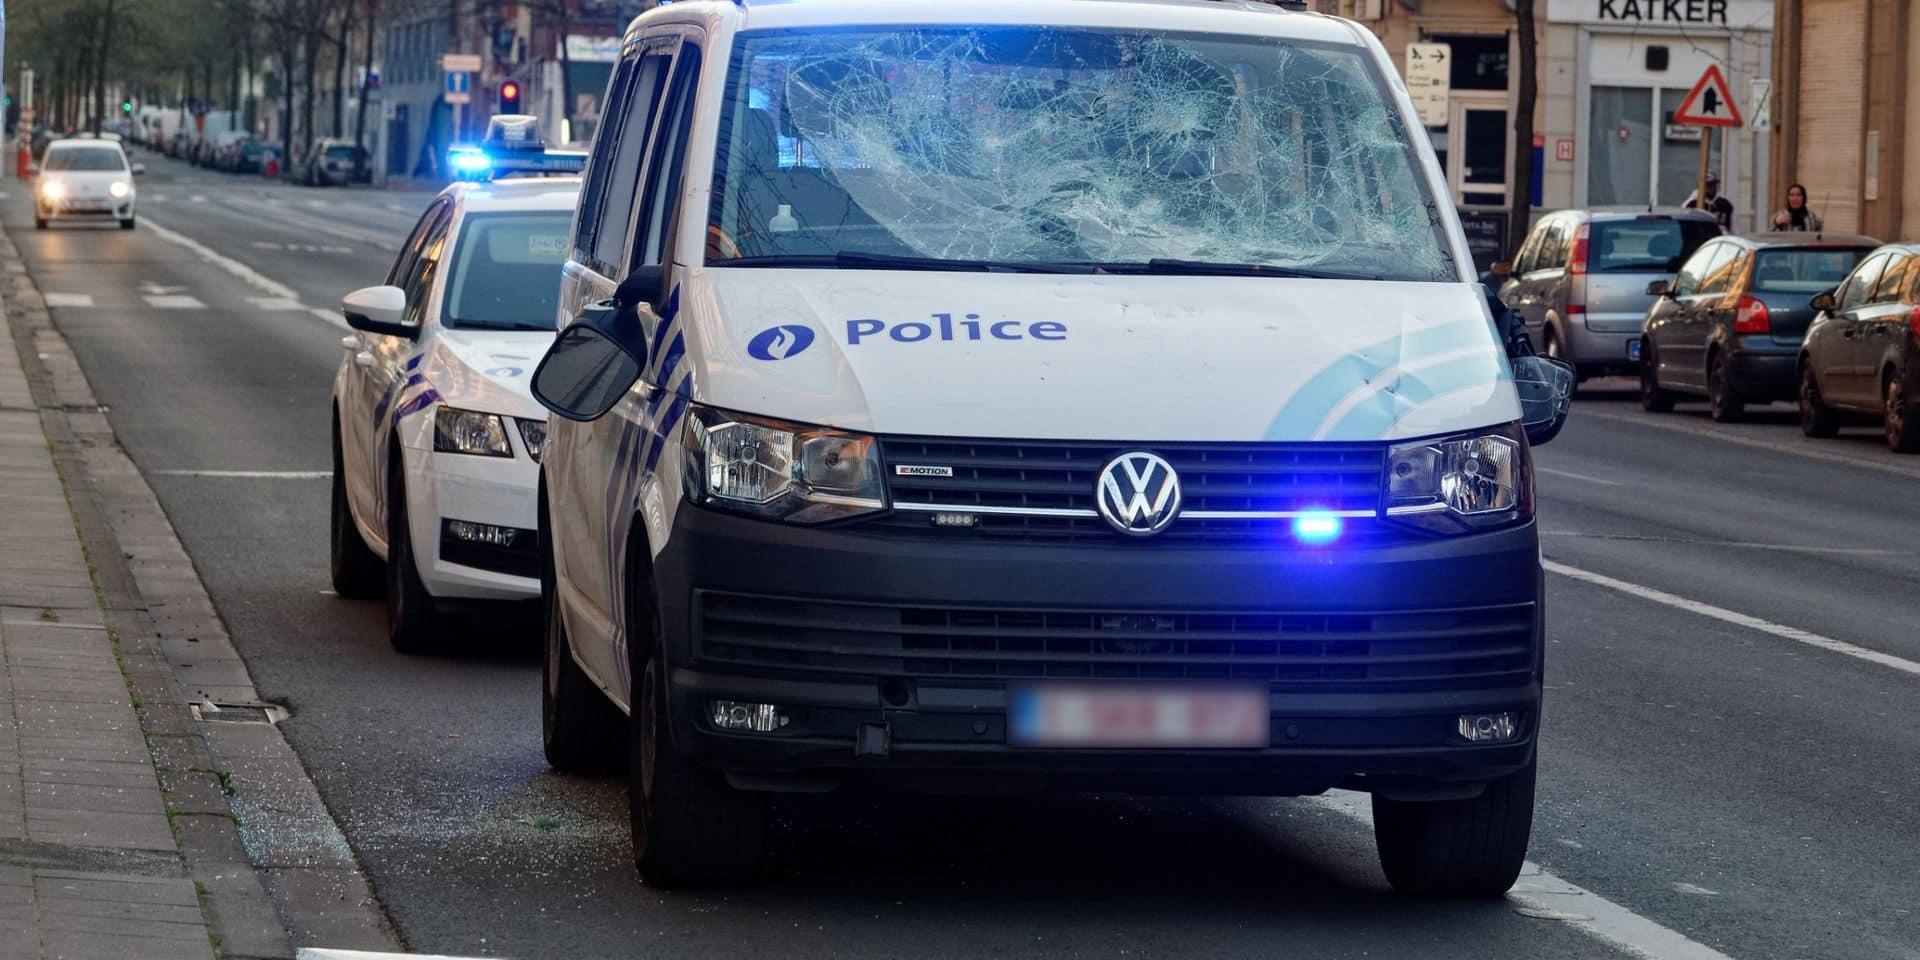 Violences contre des policiers à Anderlecht: de nouvelles images diffusées ! (VIDEO)